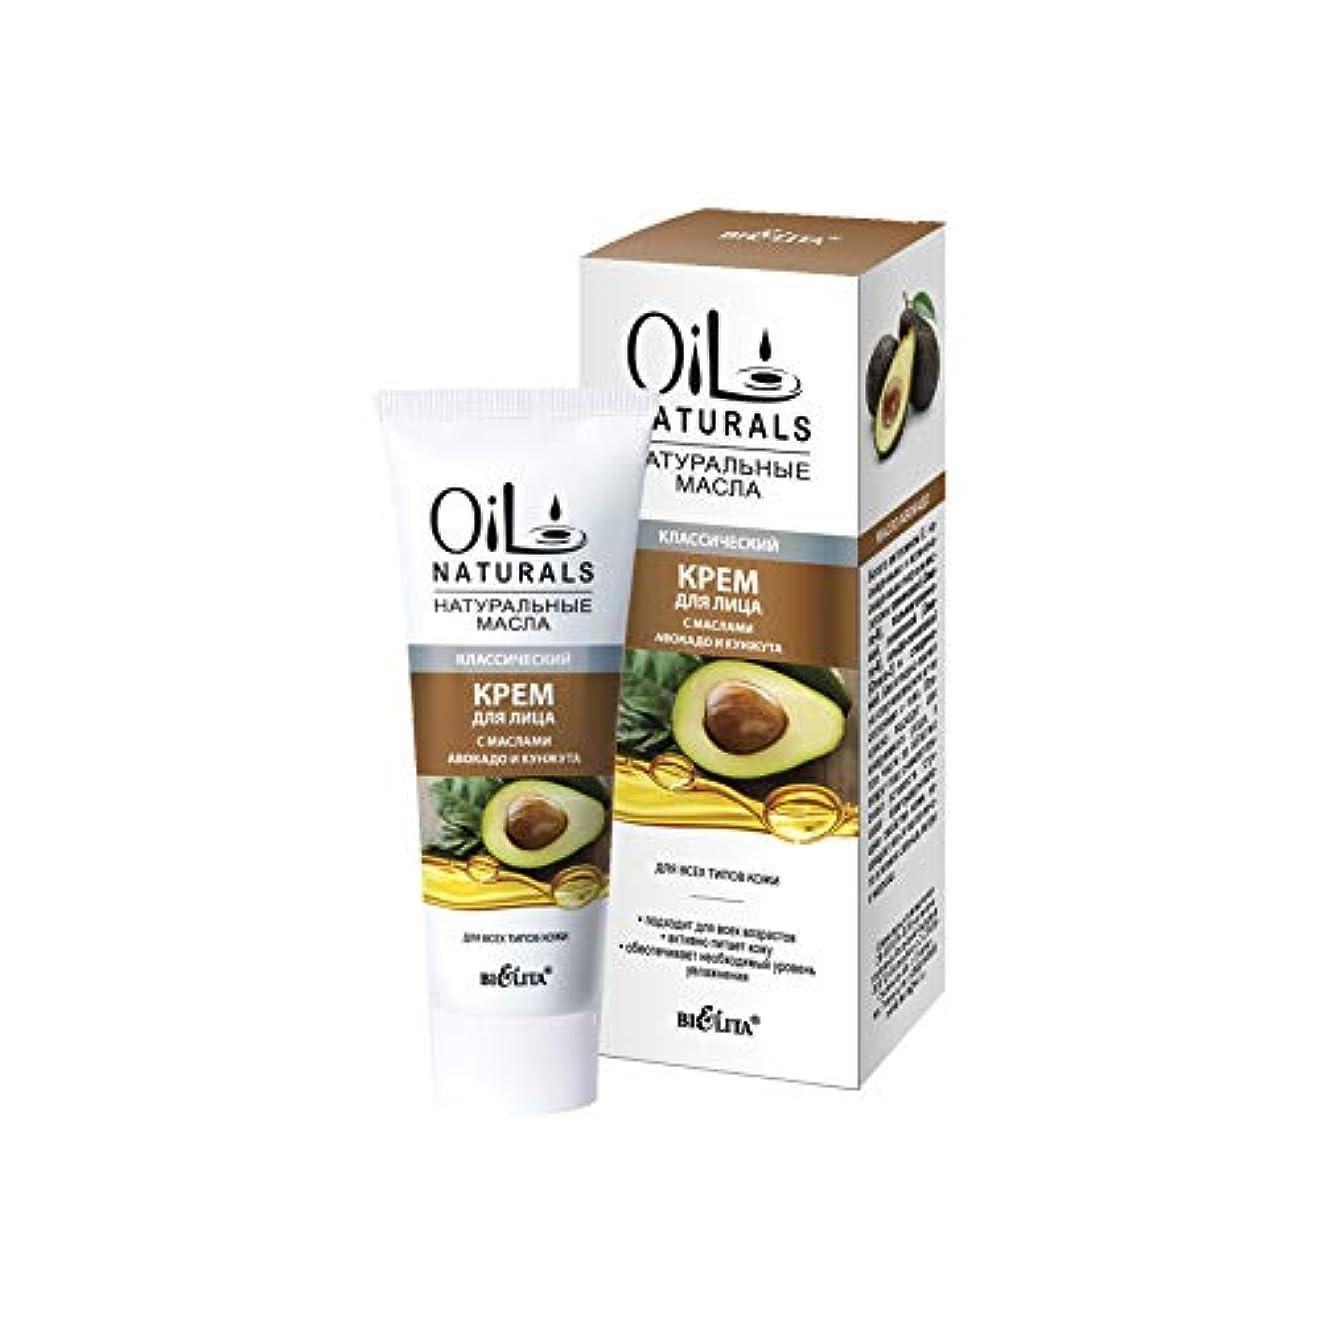 ワンダーストライプ影のあるBielita & Vitex |Oil Naturals Line | Classic Moisturizing Face Cream, for All Skin Types, 50 ml | Avocado Oil,...